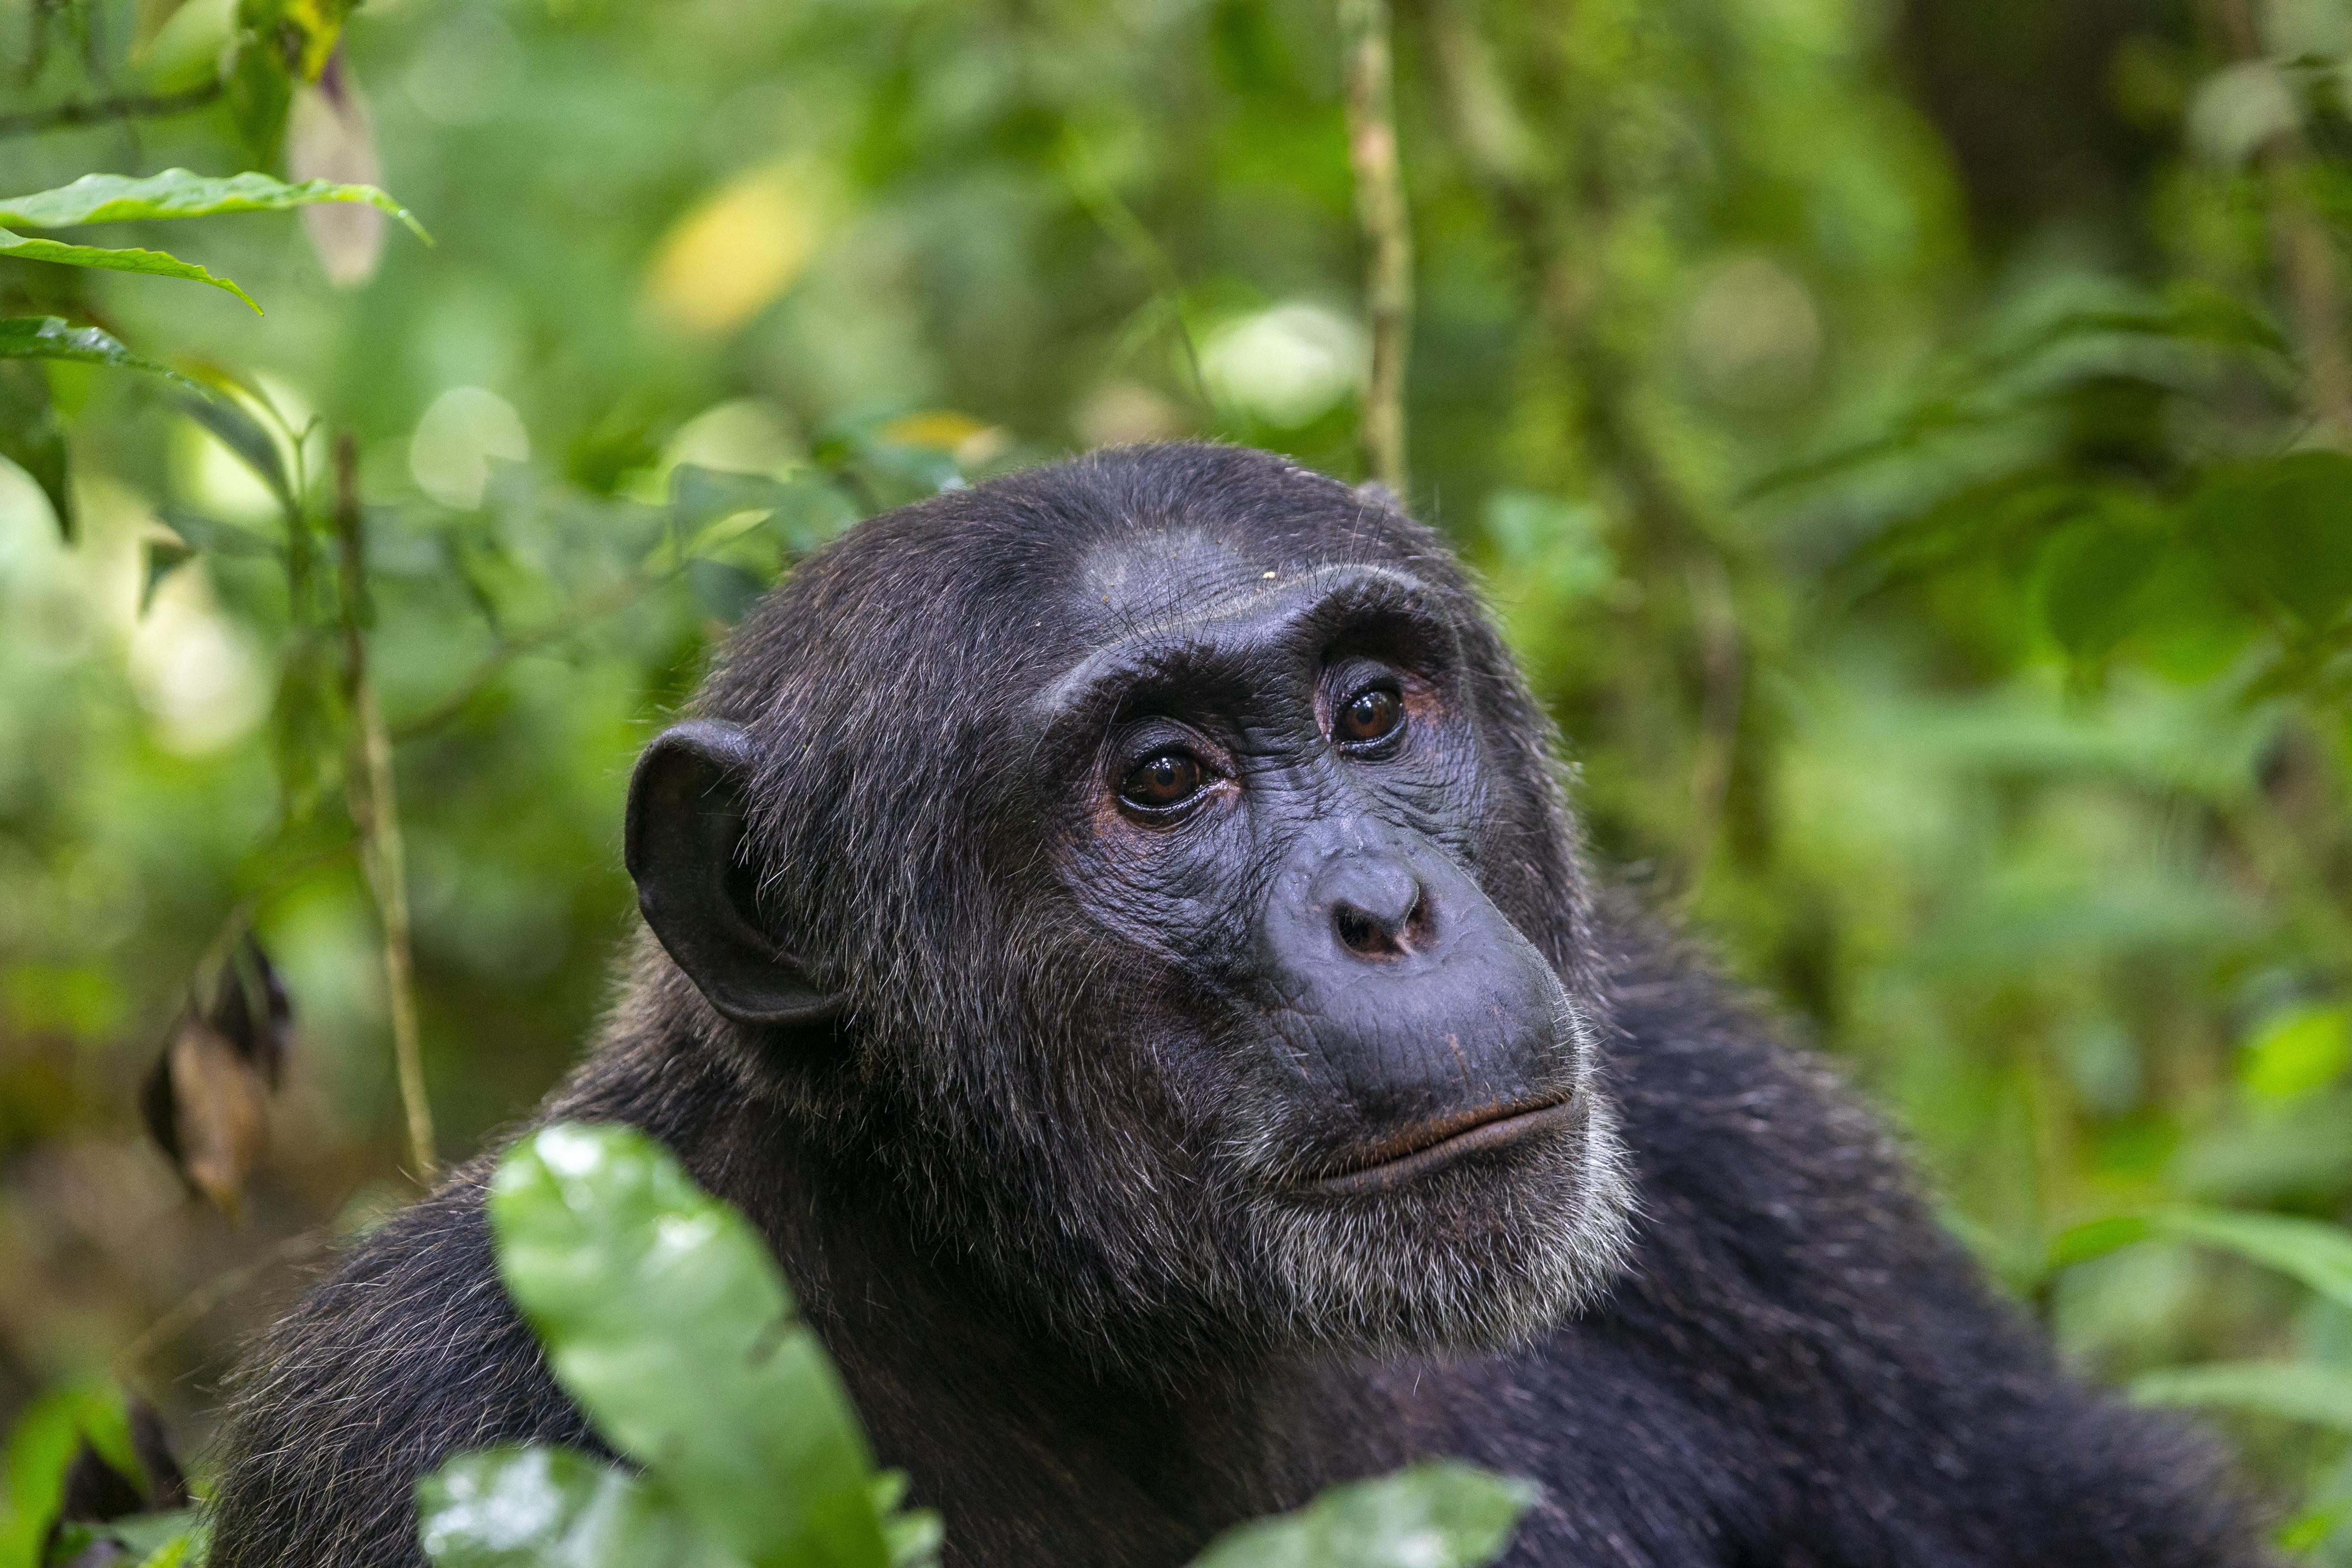 Természetvédők arra kérik a kutatókat és dokumentumfilmeseket, hogy ne készítsenek többé közös fotókat a vadon élő majmokkal